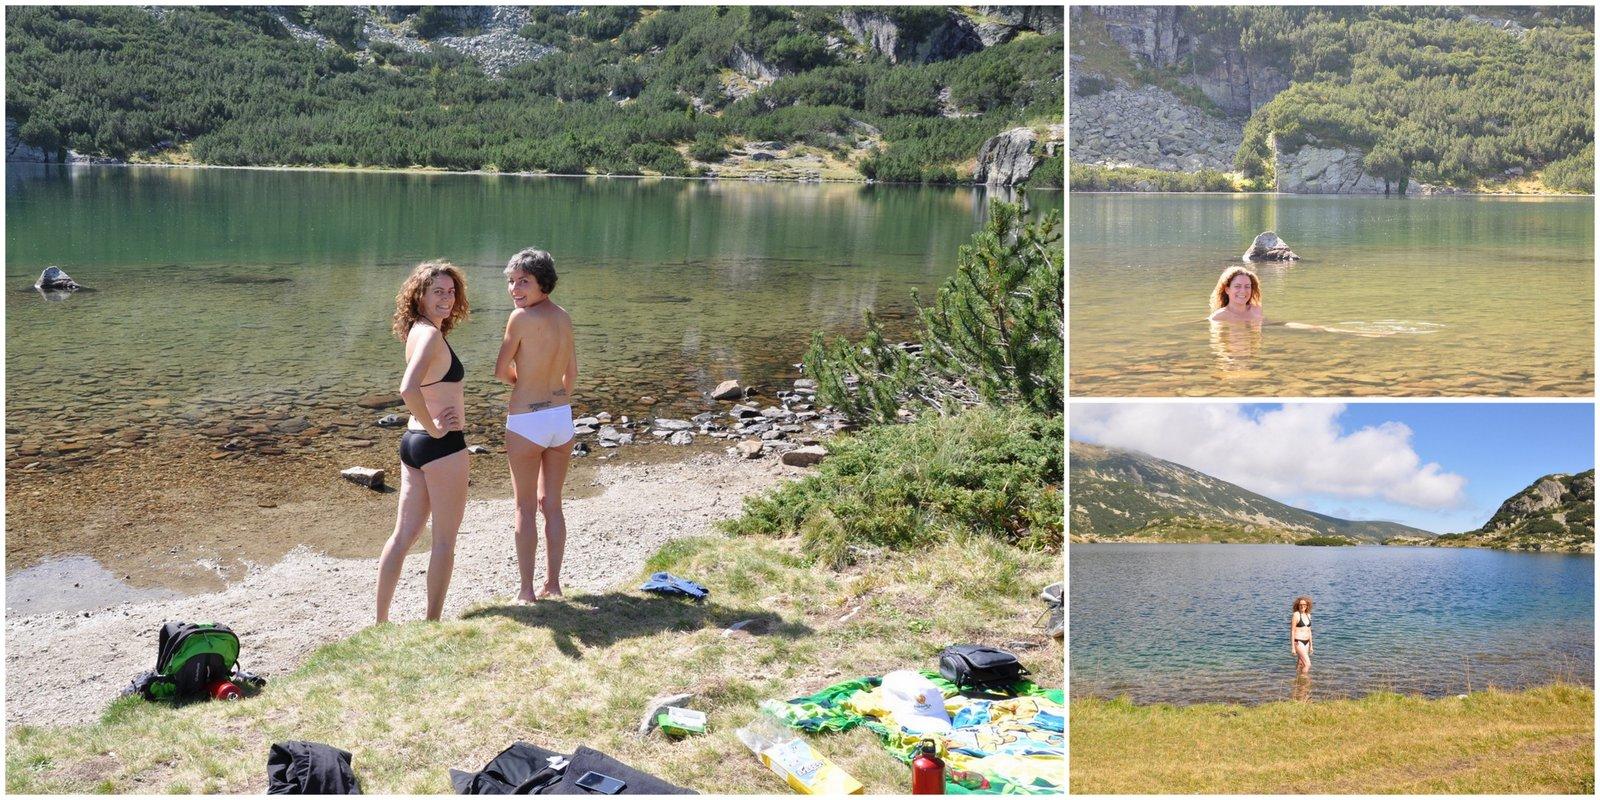 bulgaria-lago-montaña